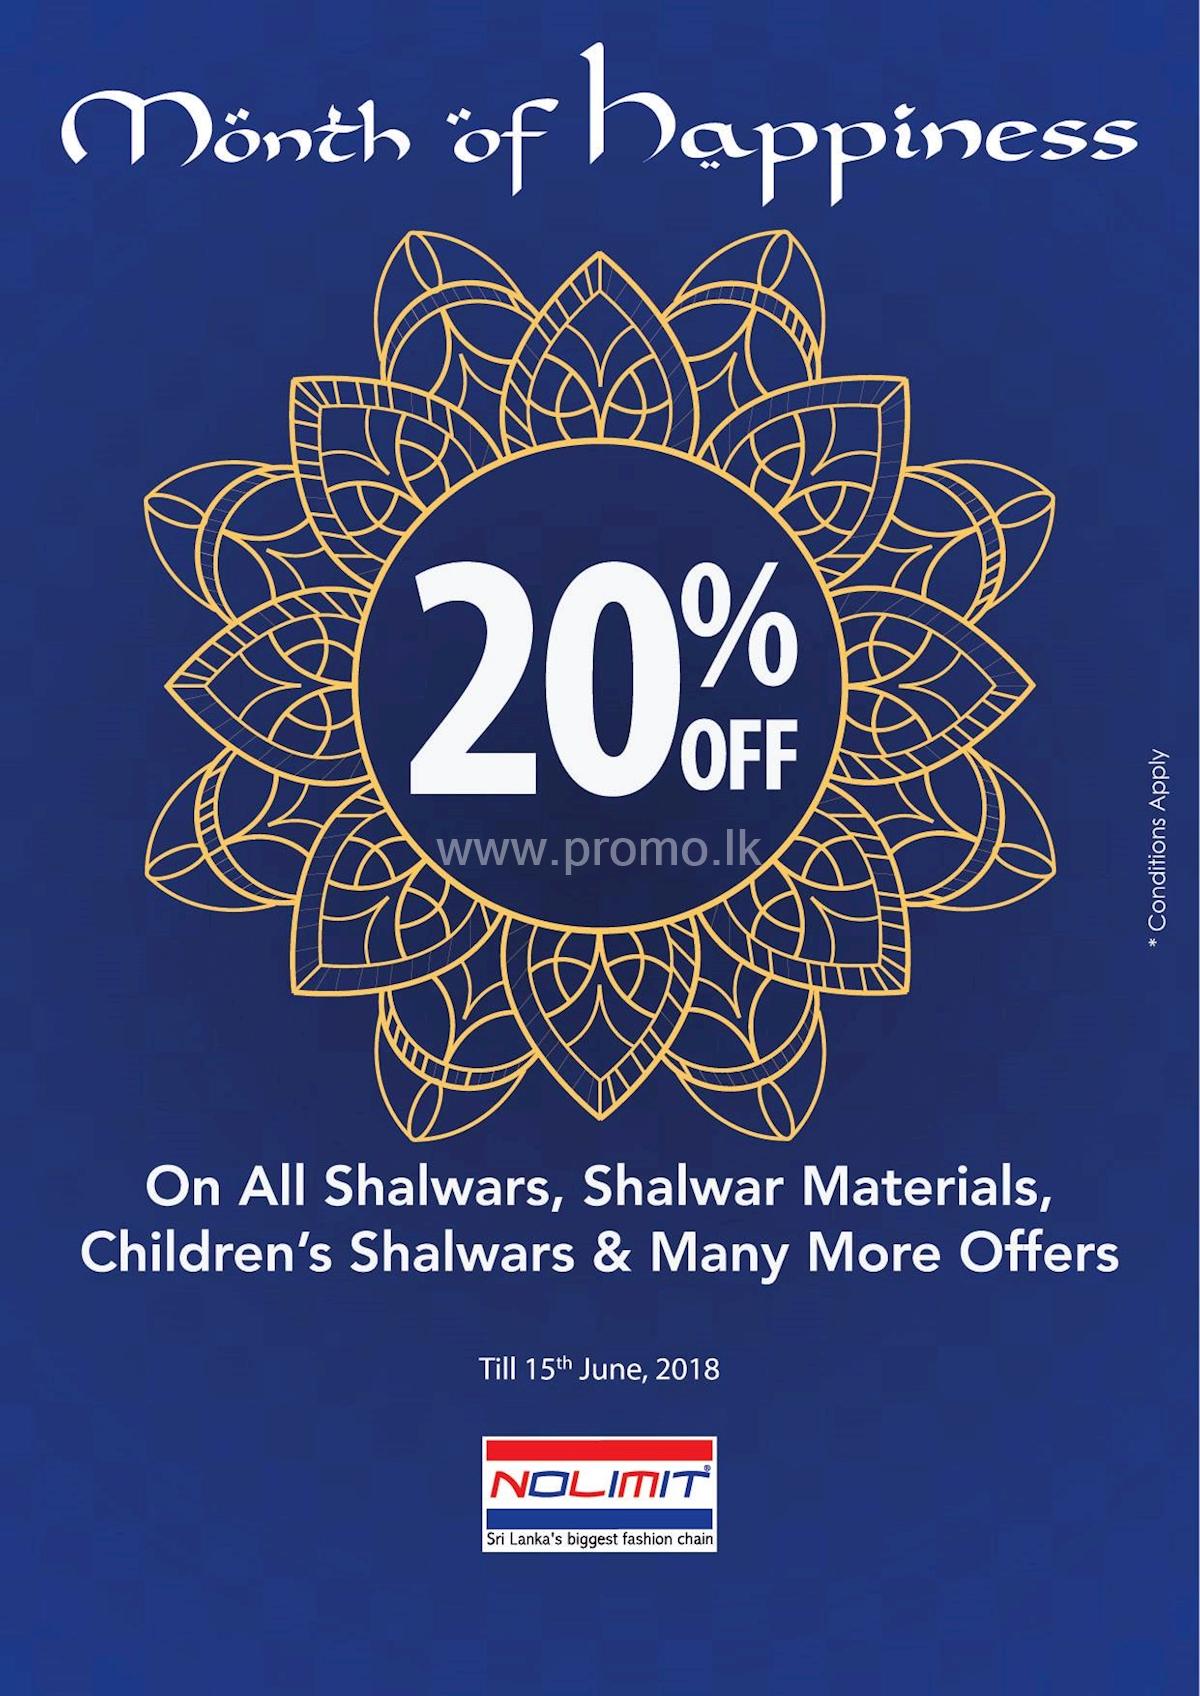 Ramadan Festive Offers from Nolimit